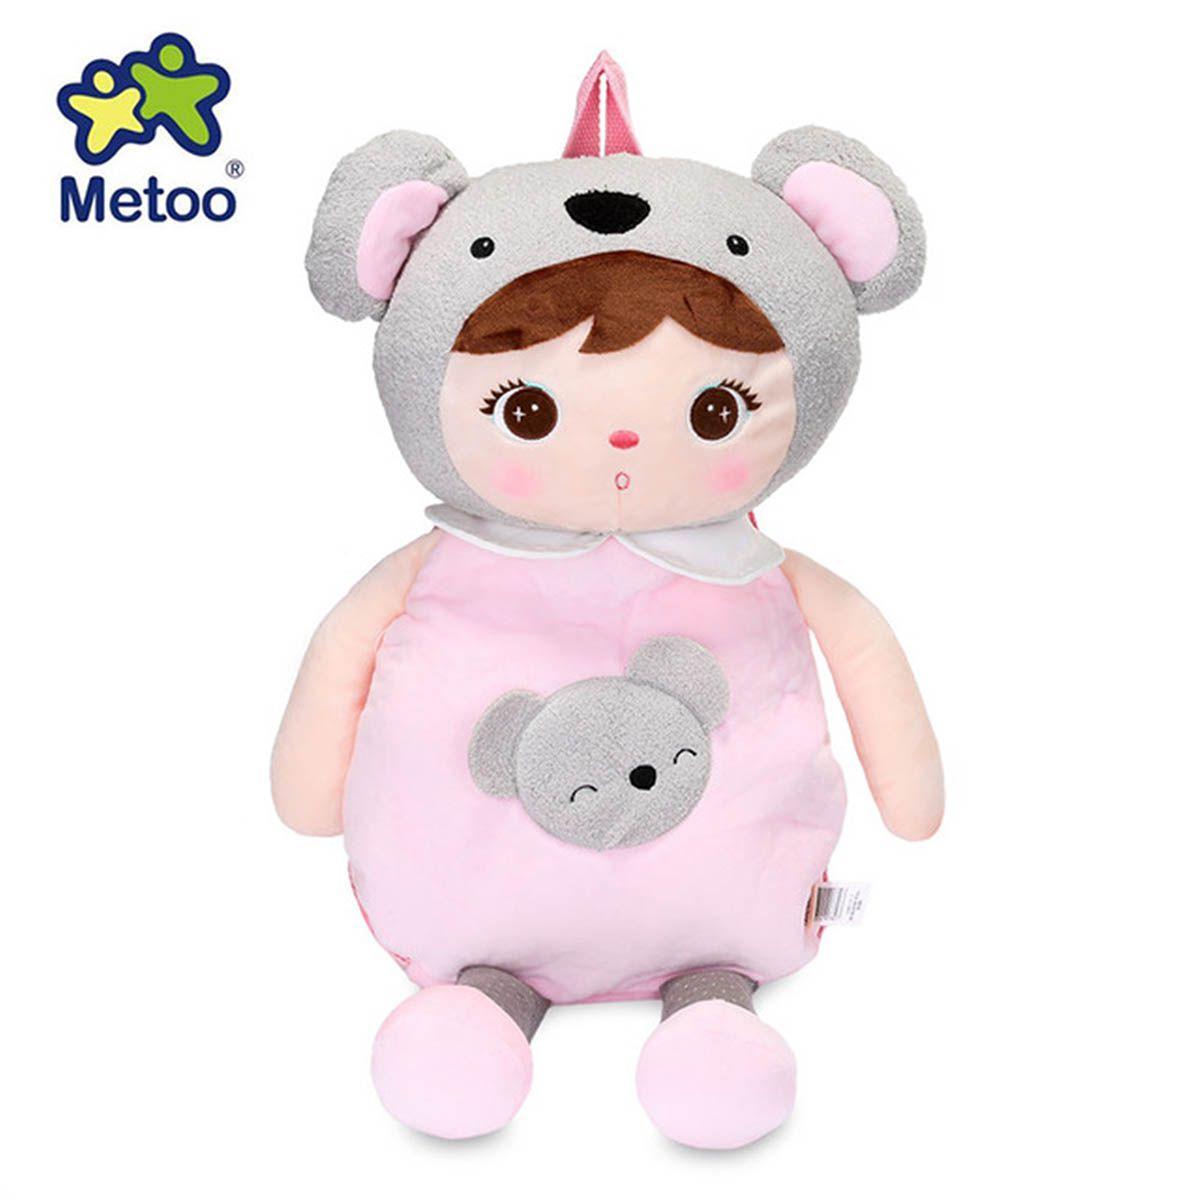 Mochila Doll Koala - Metoo